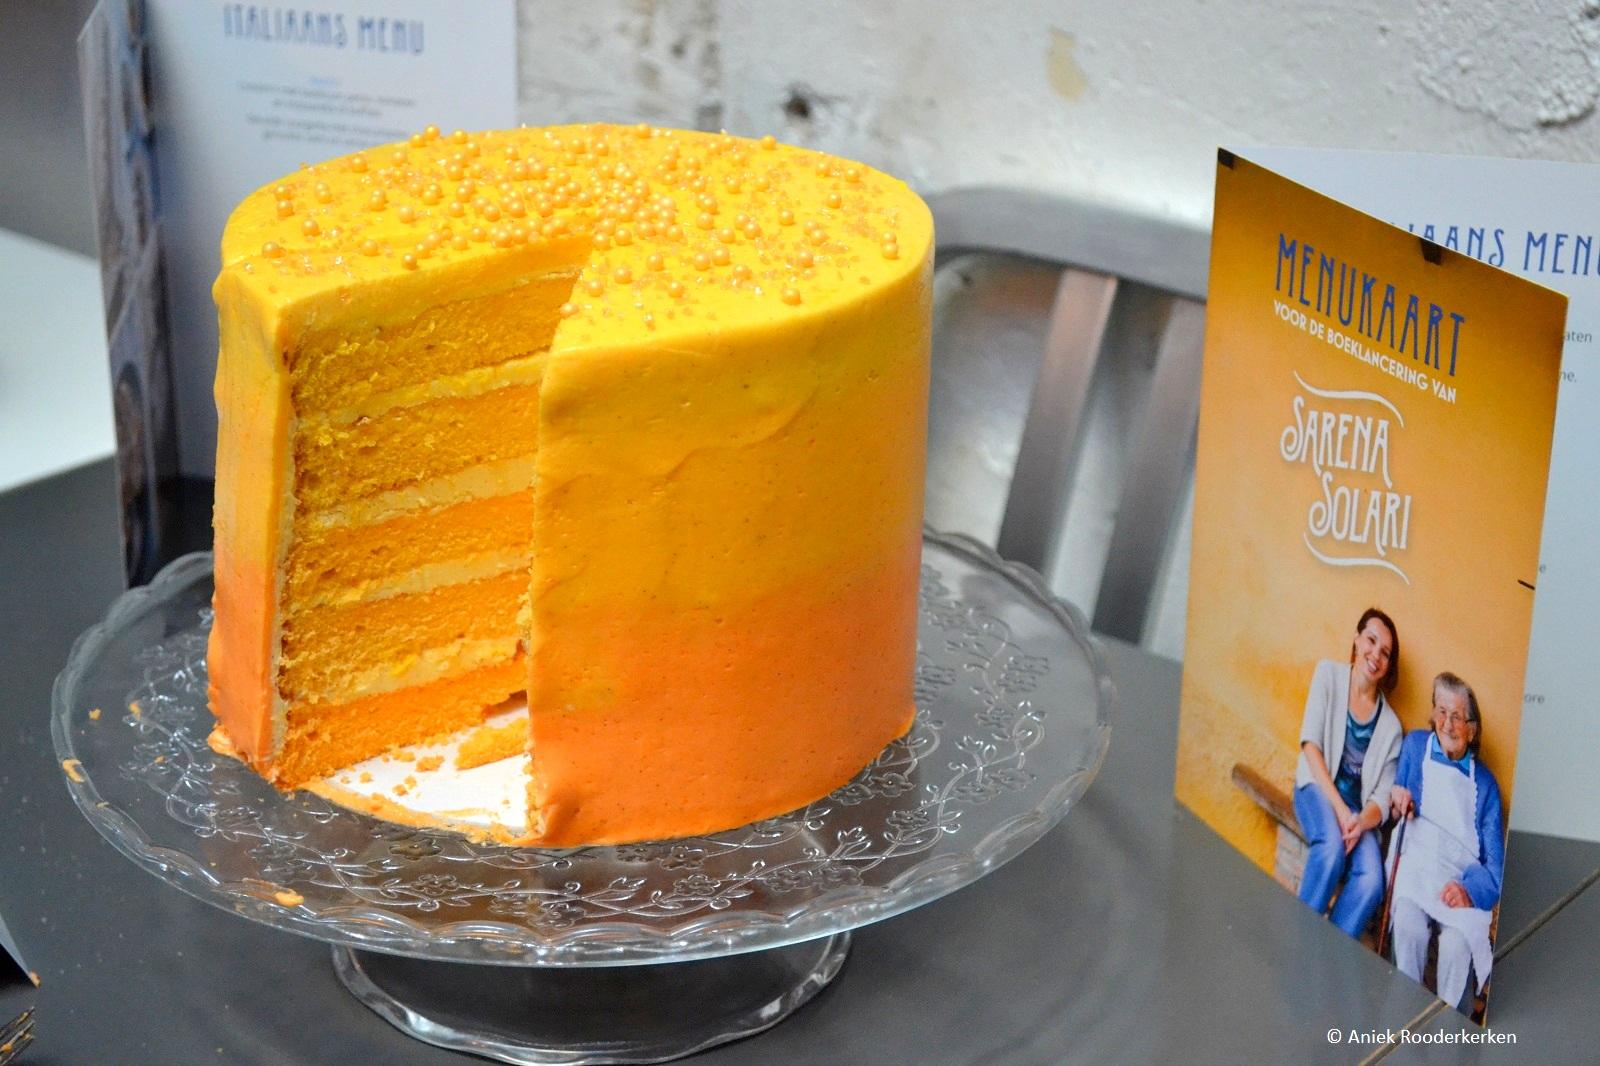 De citrus ombre-cake uit Het Italiaanse bakboek van Sarena Solari